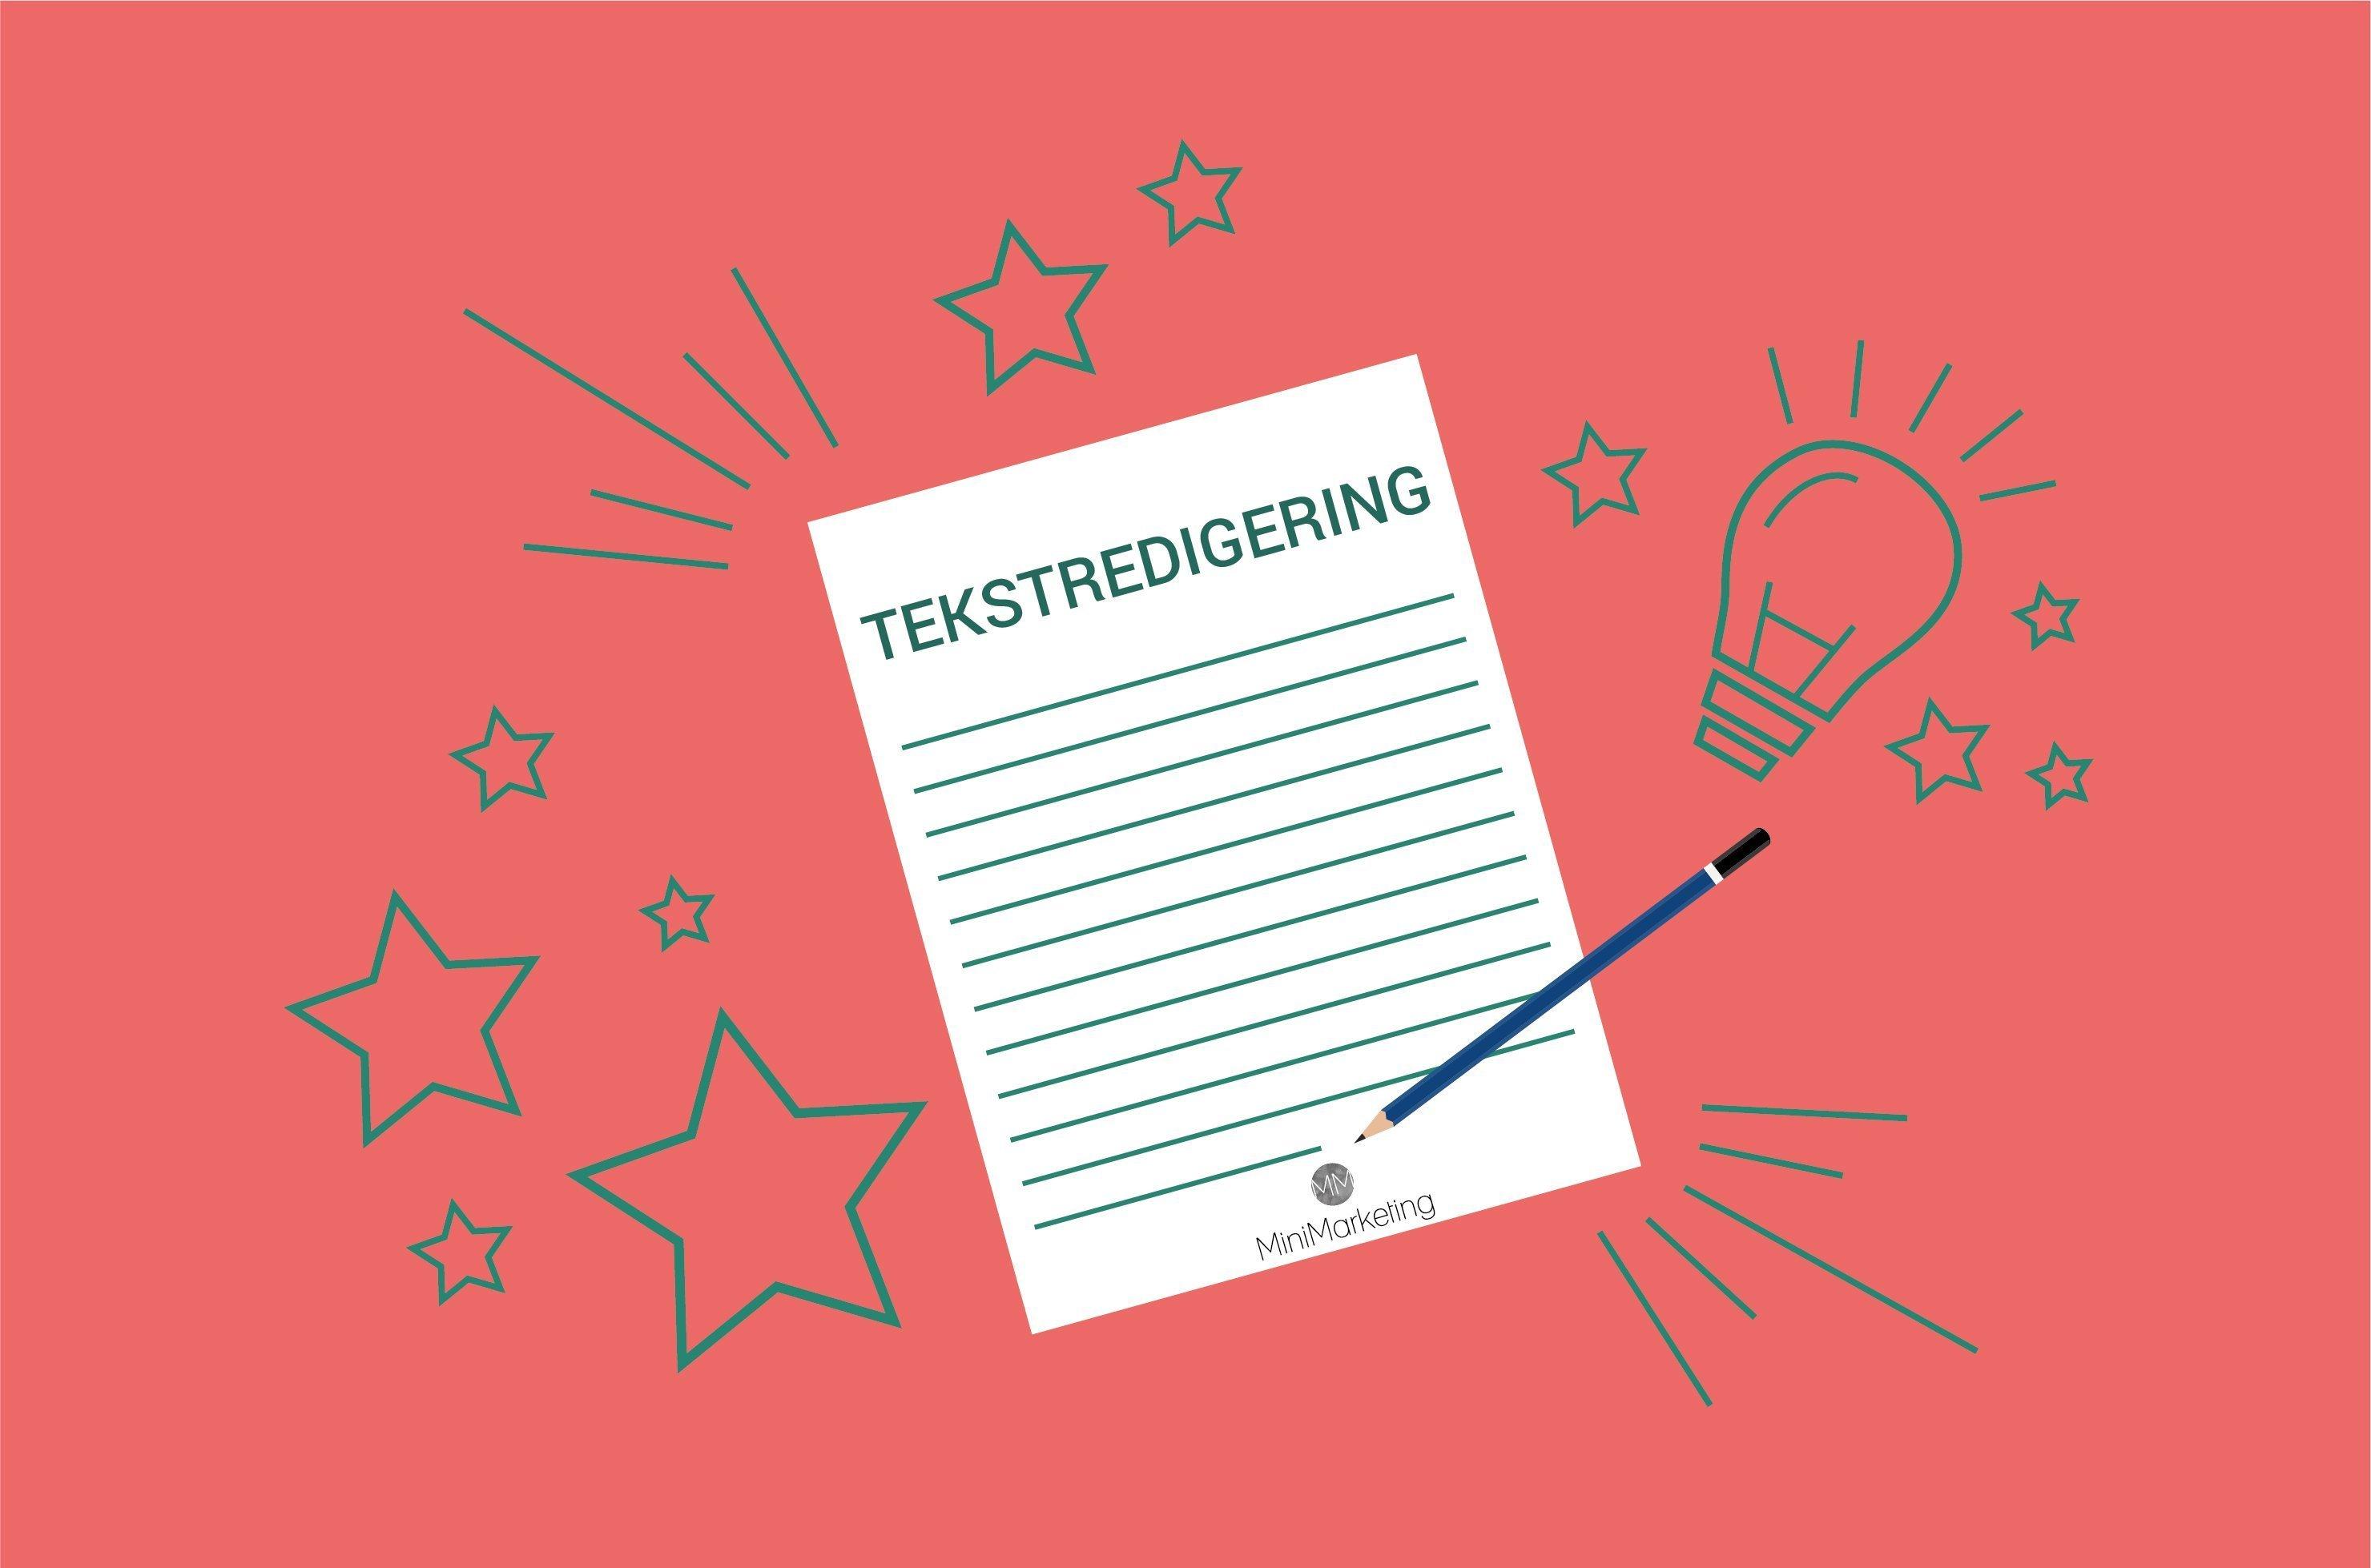 Tekstredigering how to